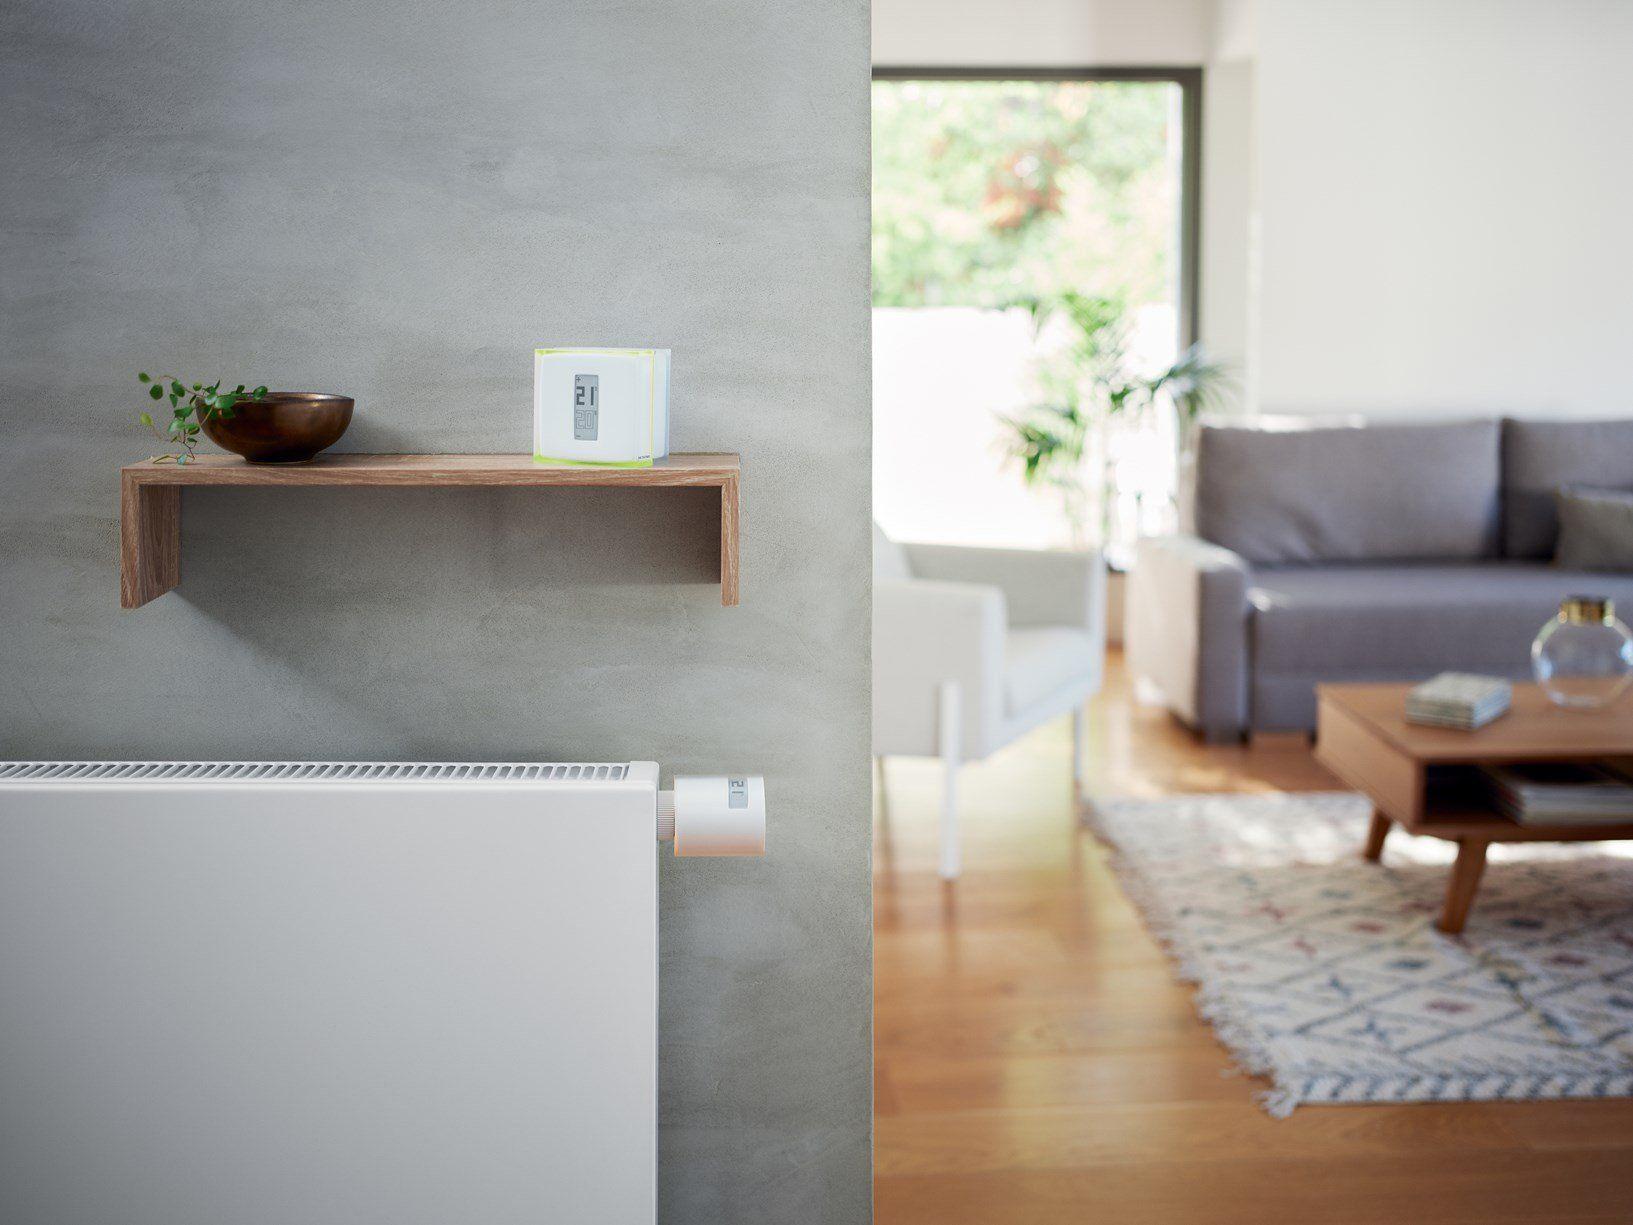 BTicino presenta i prodotti Netatmo per la Smart Home